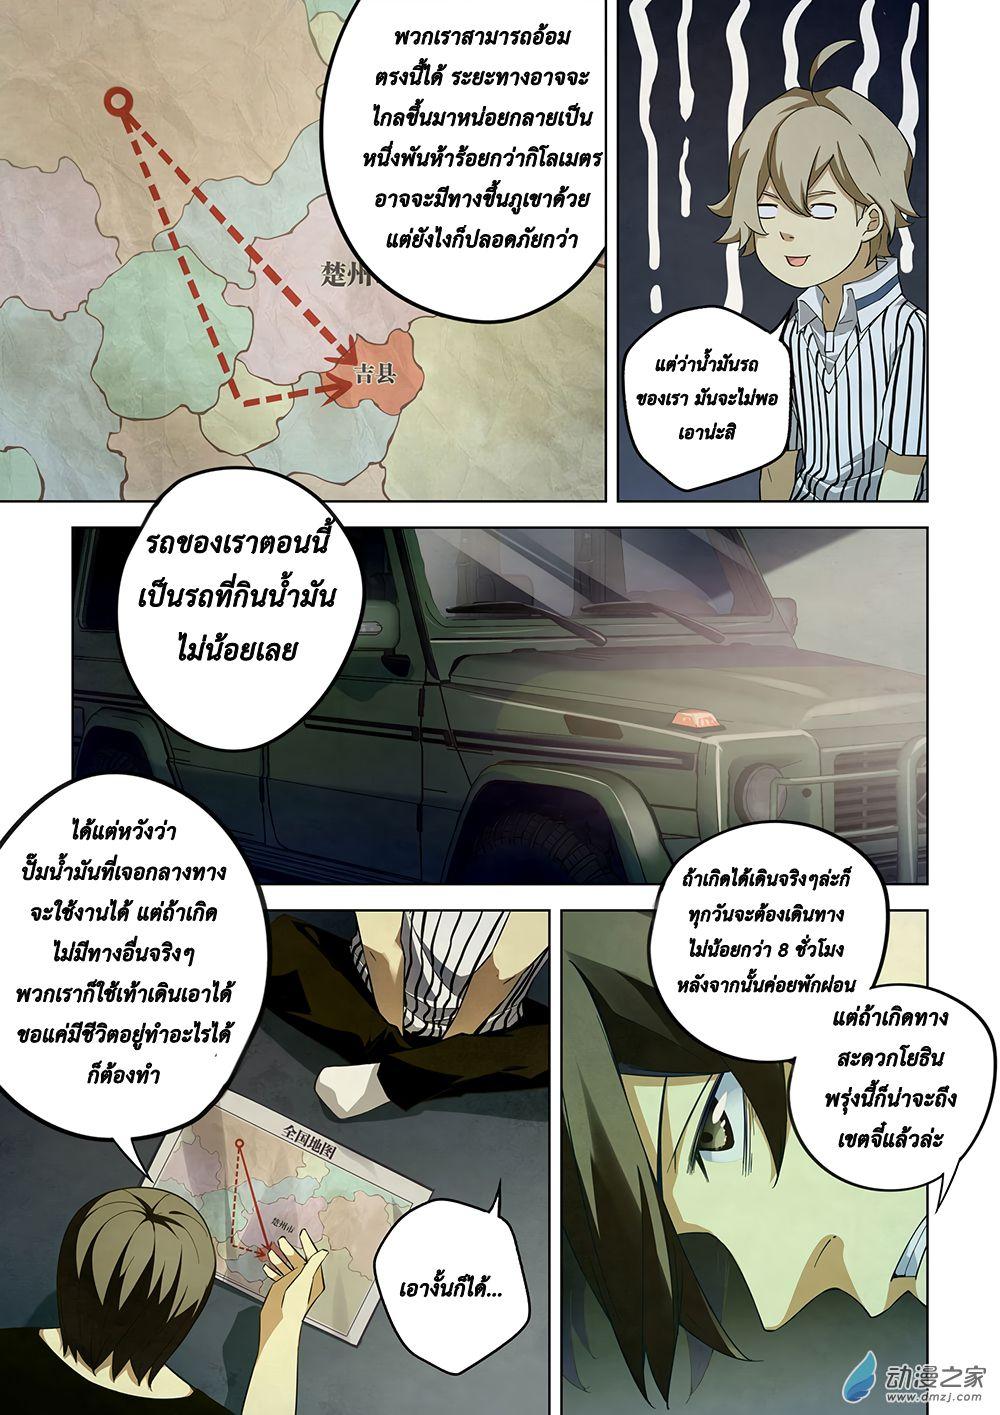 อ่านการ์ตูน The Last Human ตอนที่ 39 หน้าที่ 9